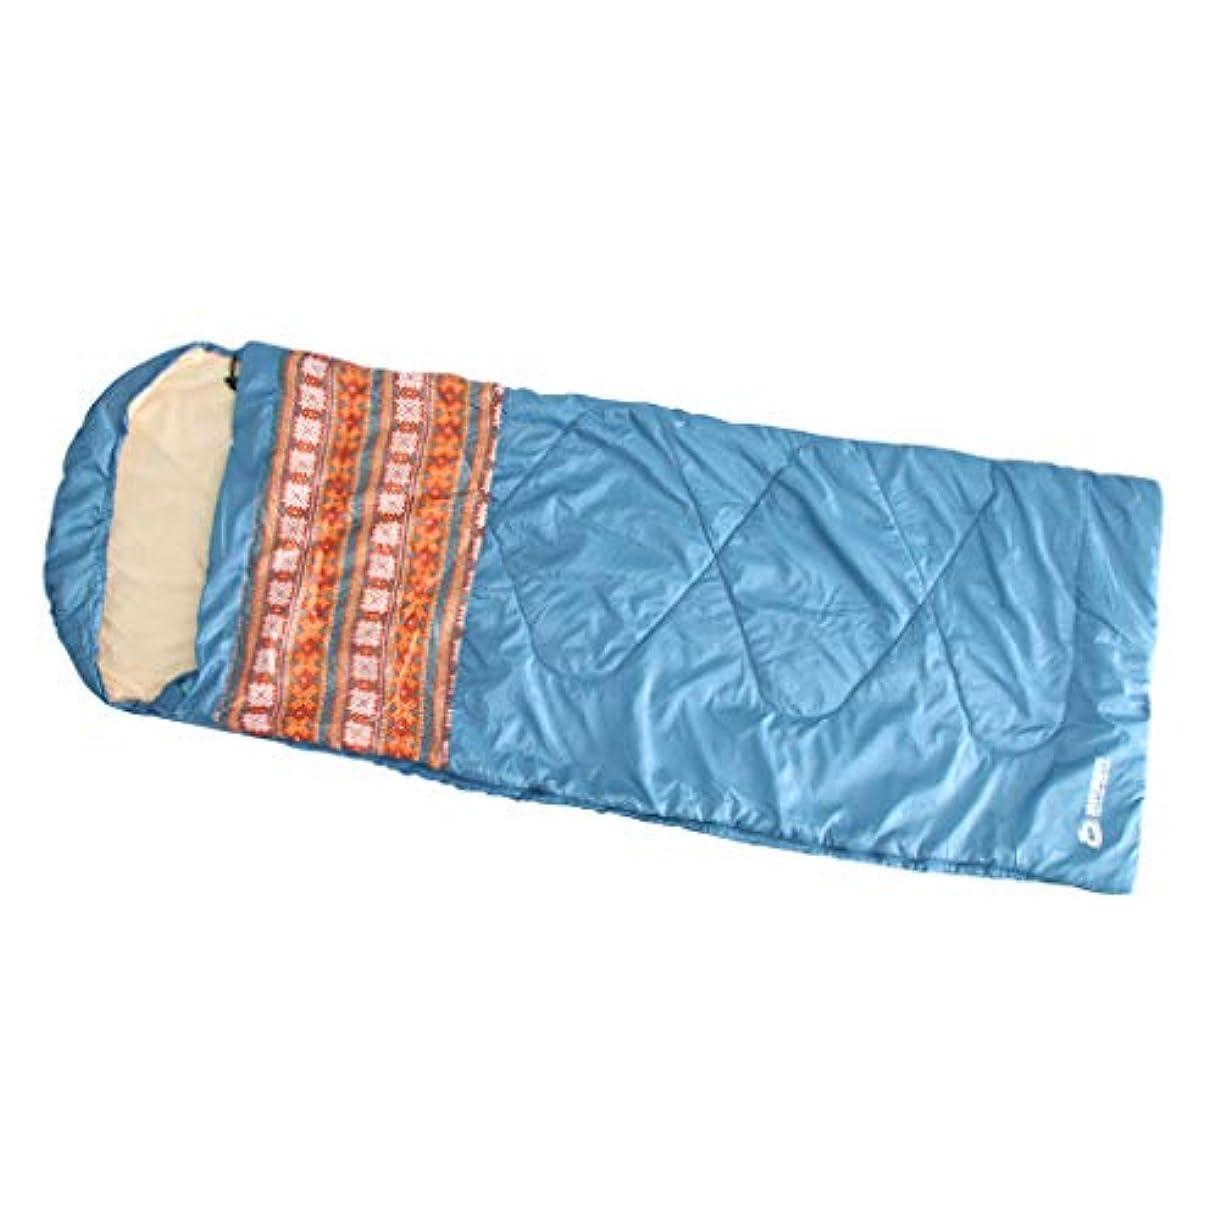 担当者出血ピンBaoblaze 寝袋 シングル 旅行 キャンプ キルト ブランケット